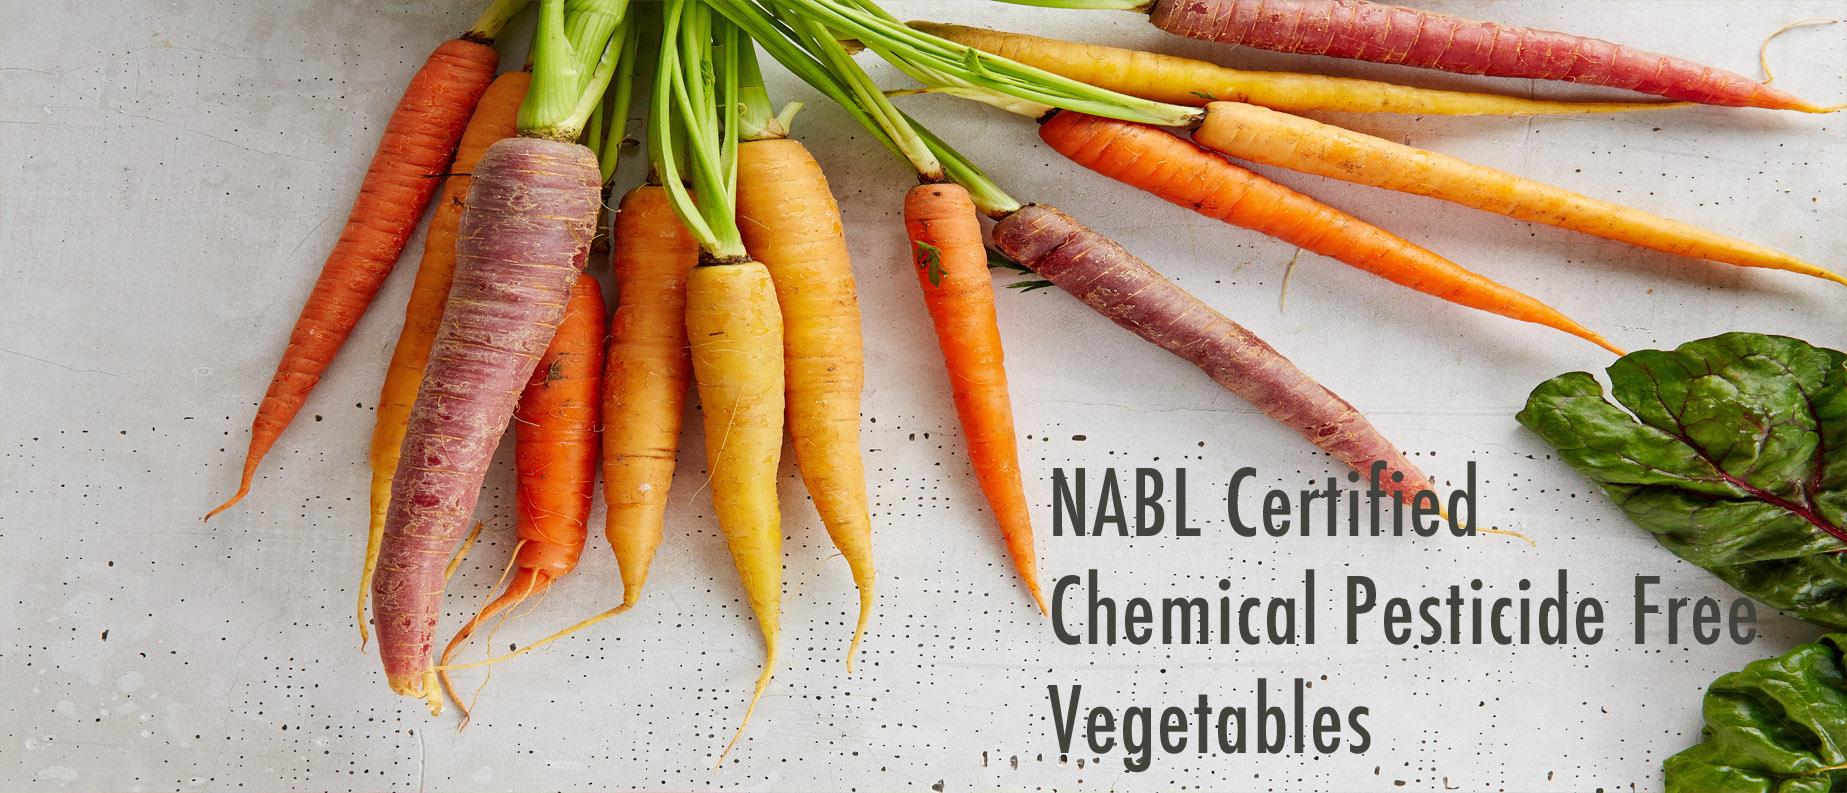 NABL Certified vegetables